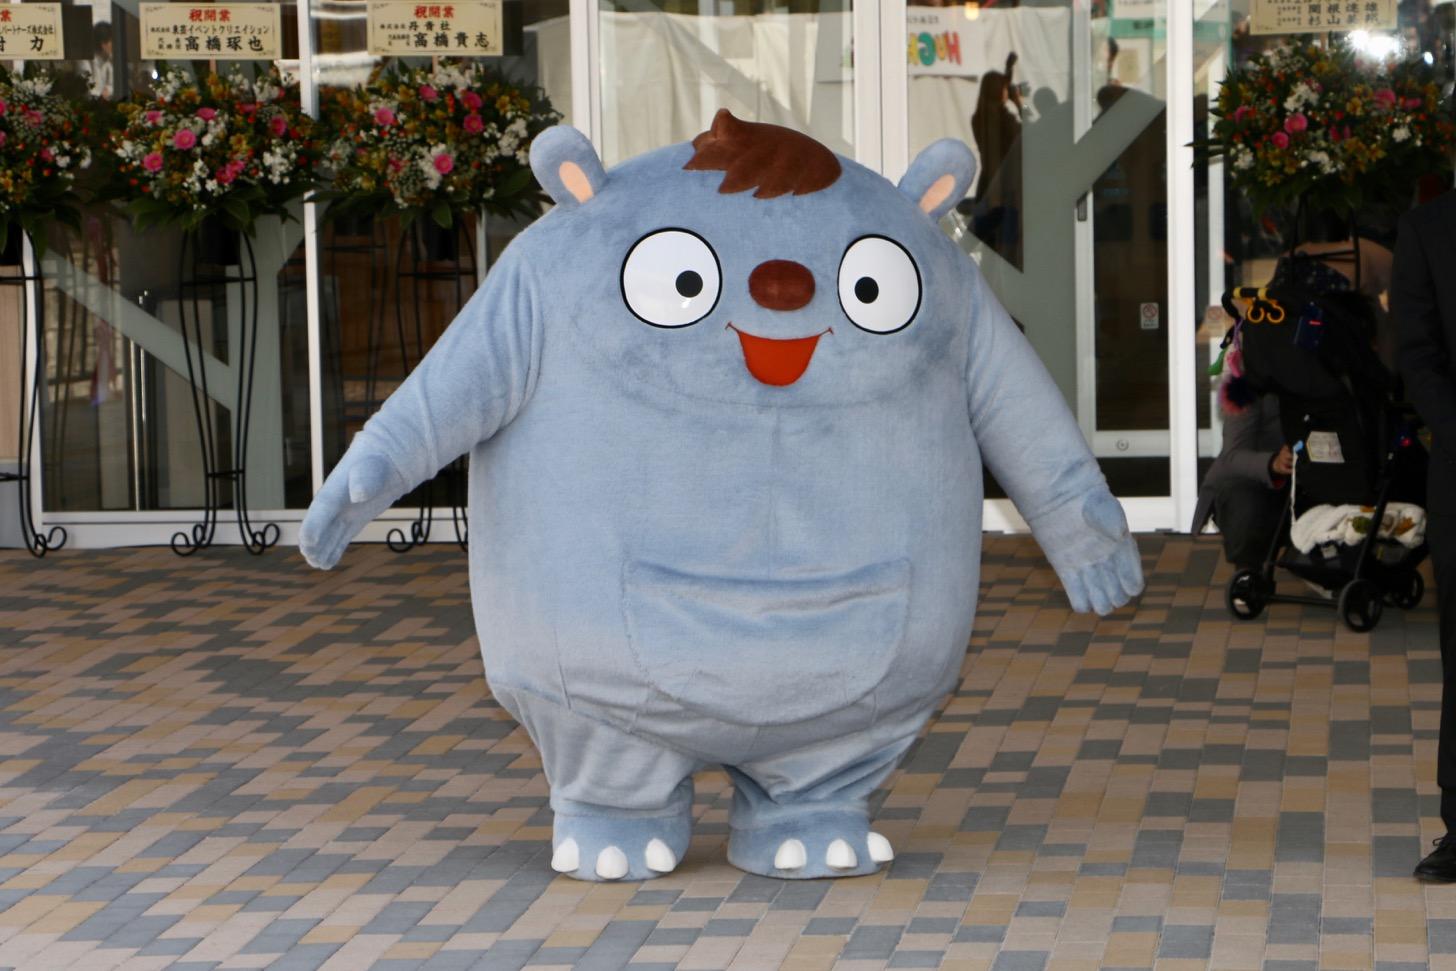 京王あそびの森HUGHUG公式キャラクター「ハグー」